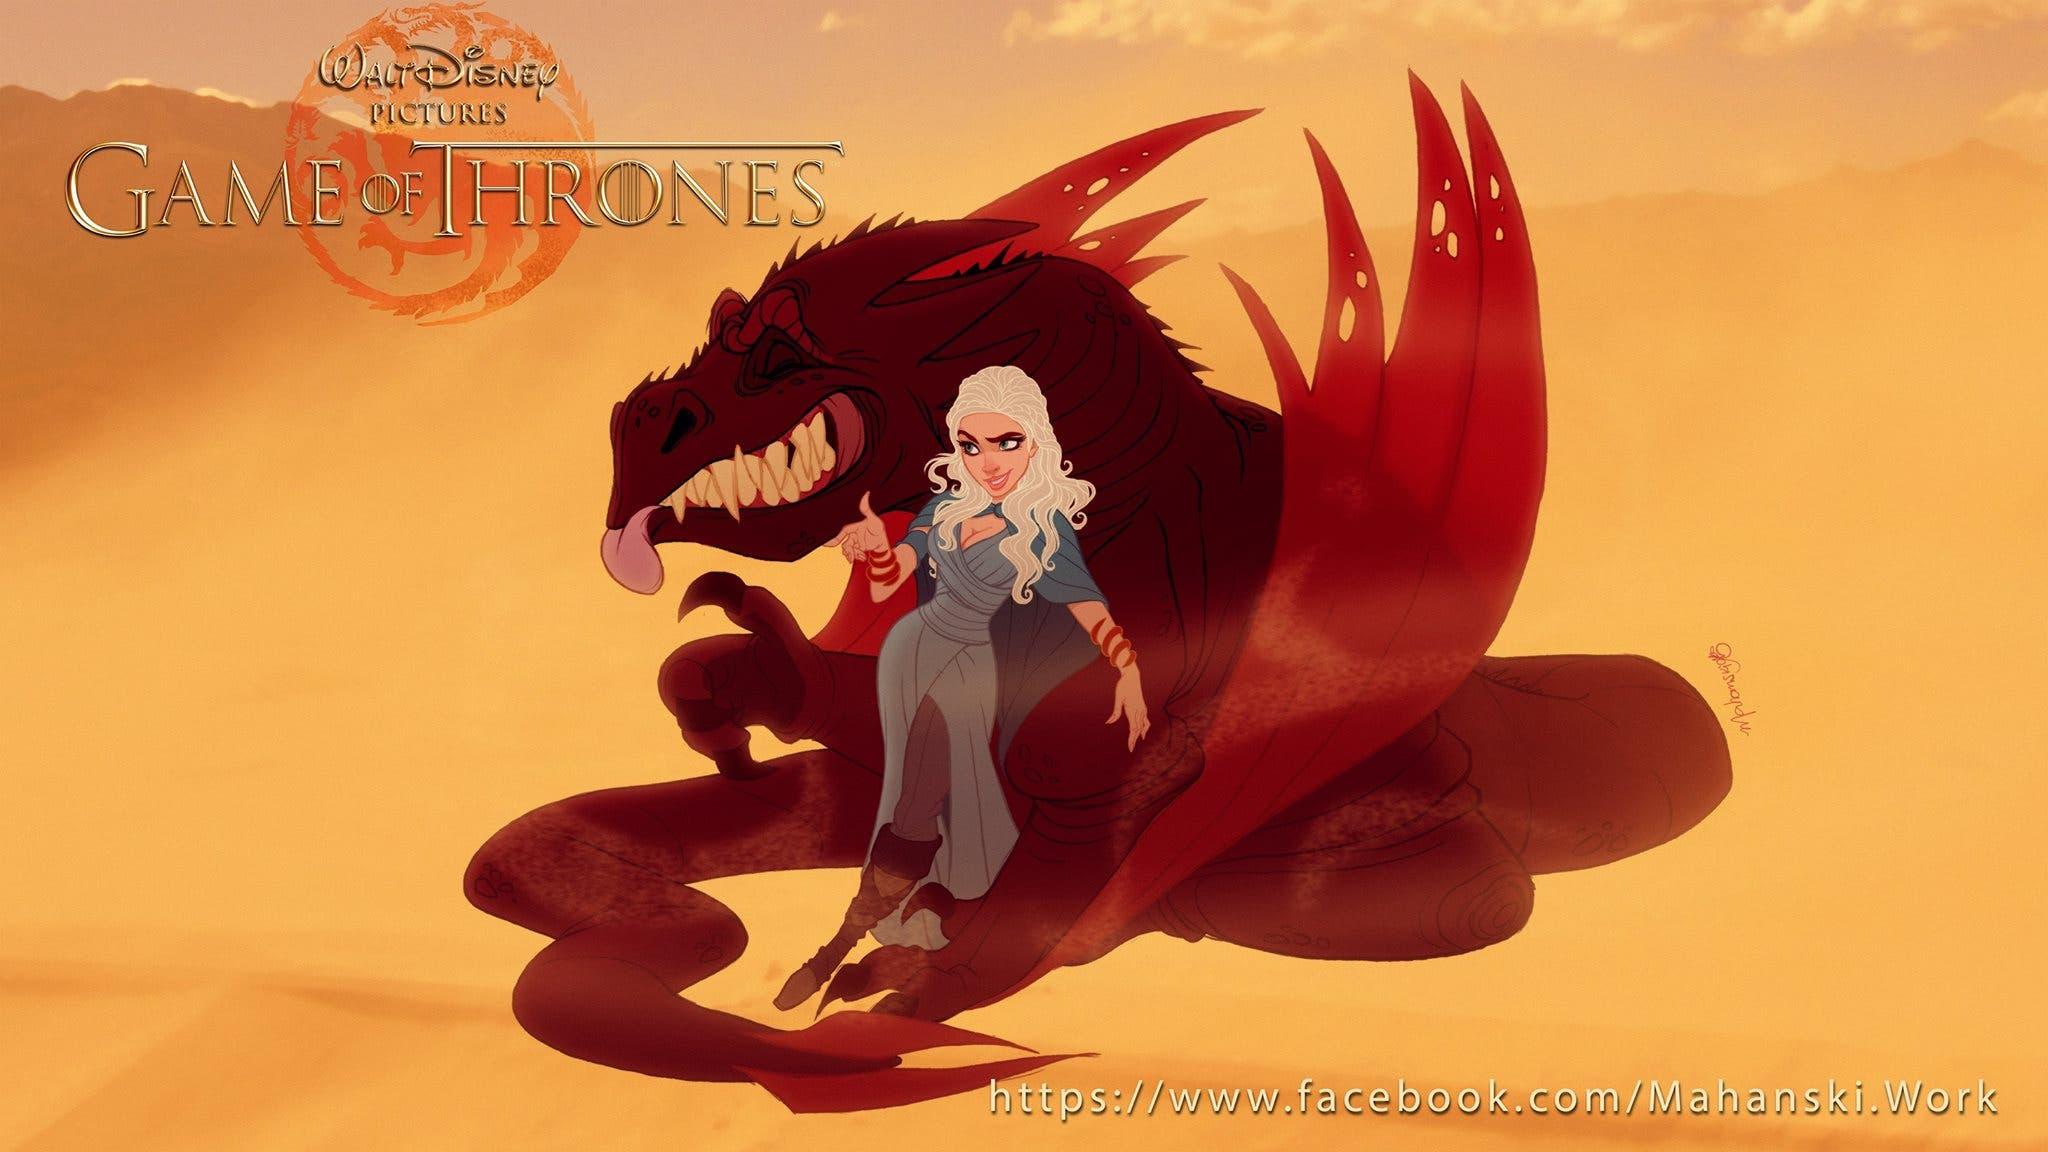 Daenerys Targaryen versión Disney de Juego de Tronos. Por Fernando Mendonça y Anderson Mahanski